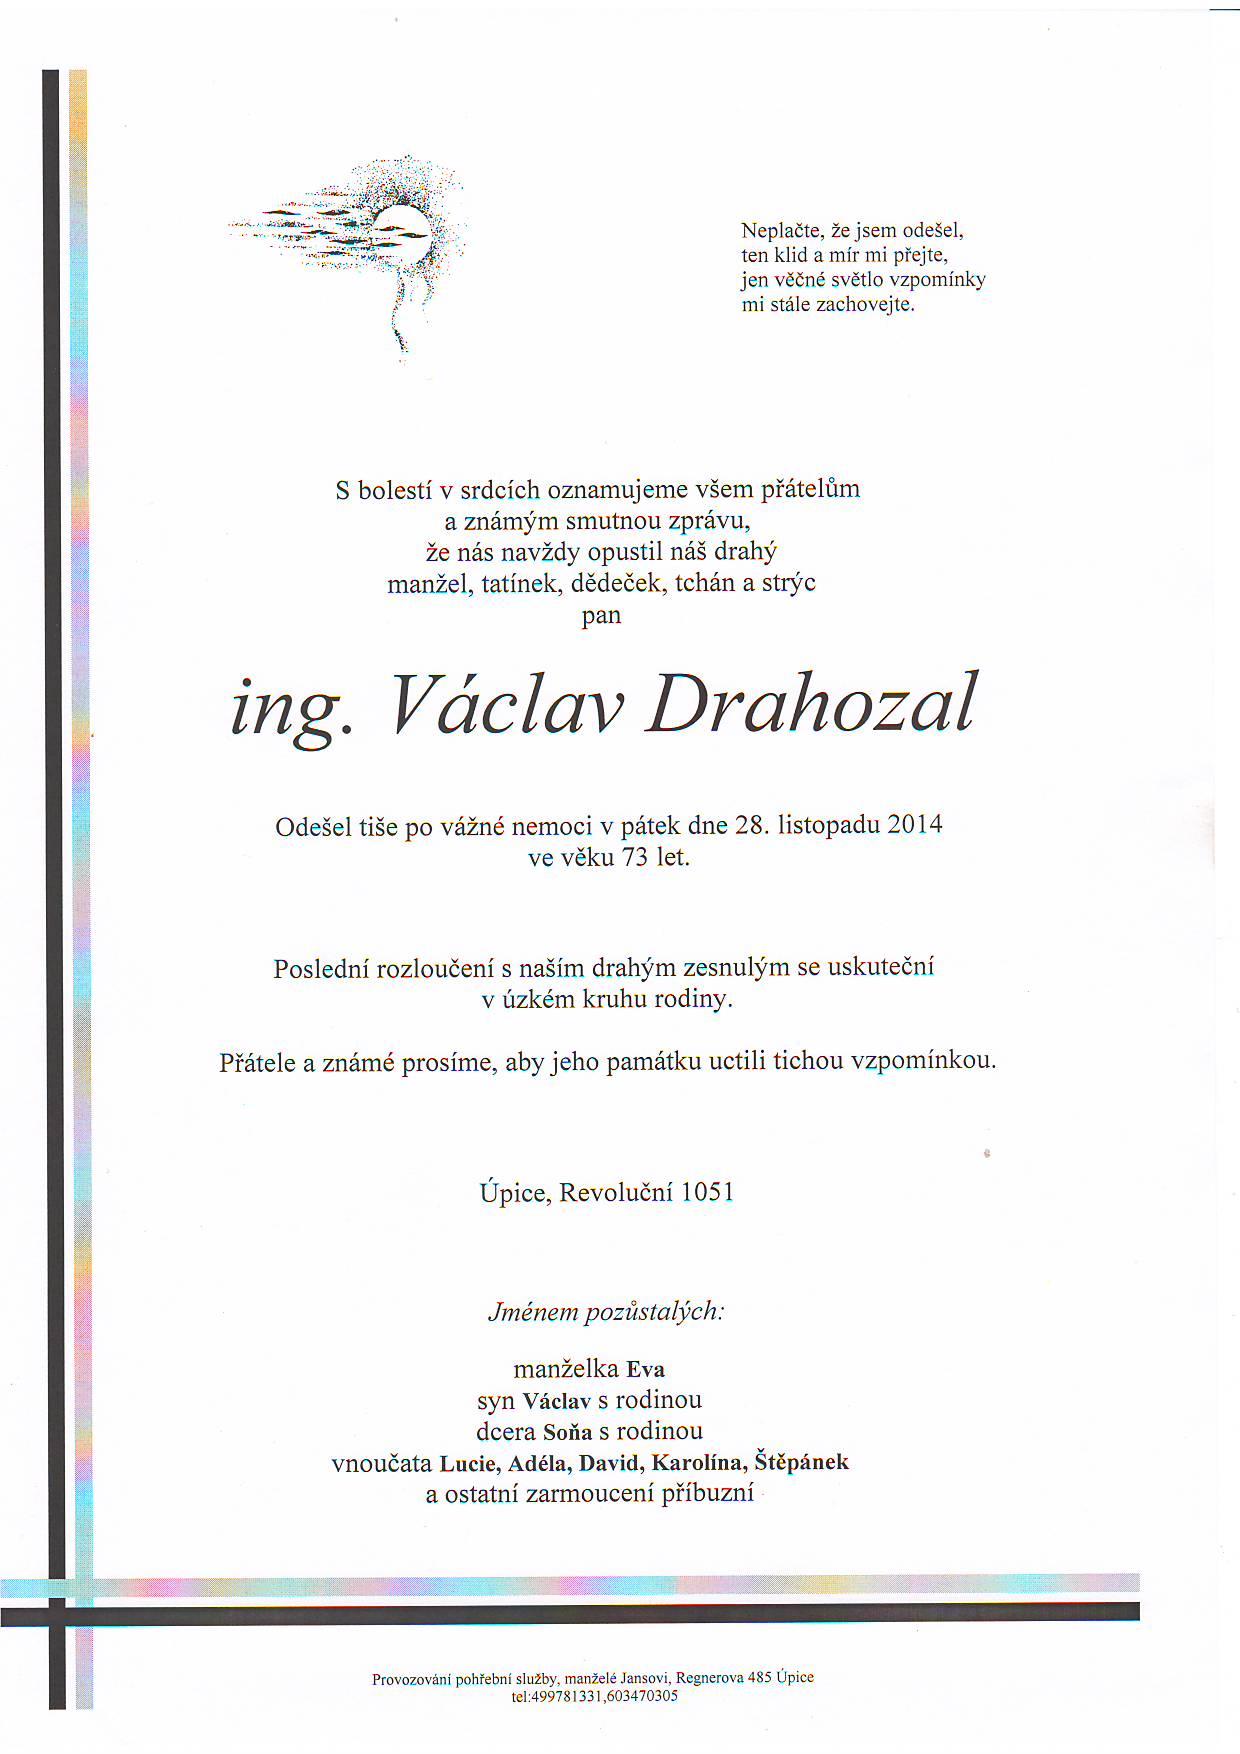 10_drahozal_vaclav